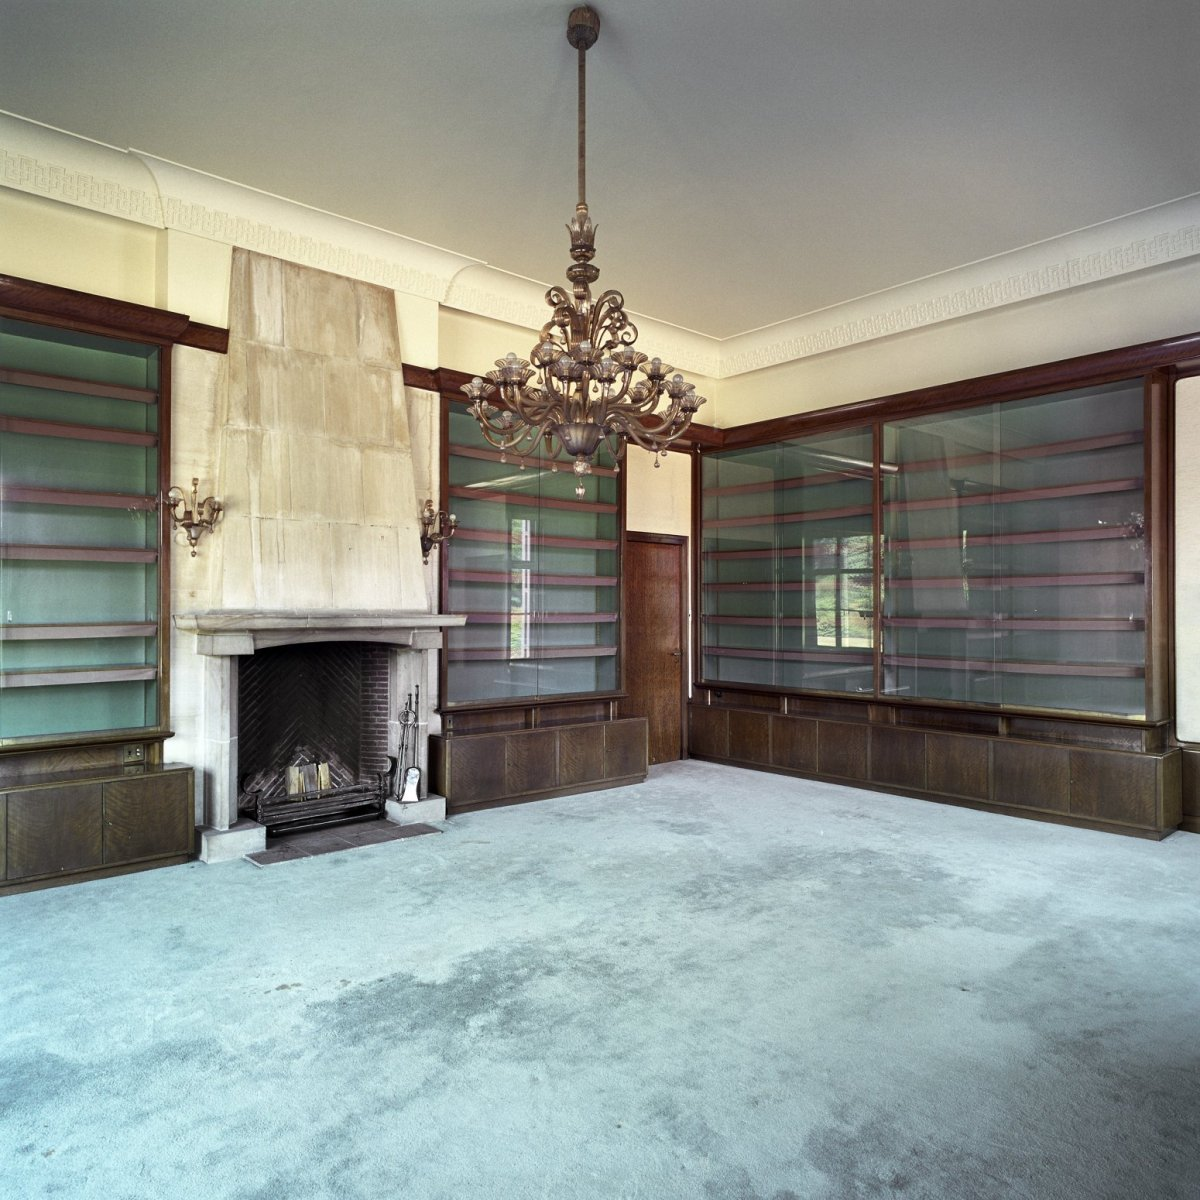 File interieur overzicht van de lege bibliotheek annex woonkamer met kroonluchter en schouw - Whirlpool van het interieur ...